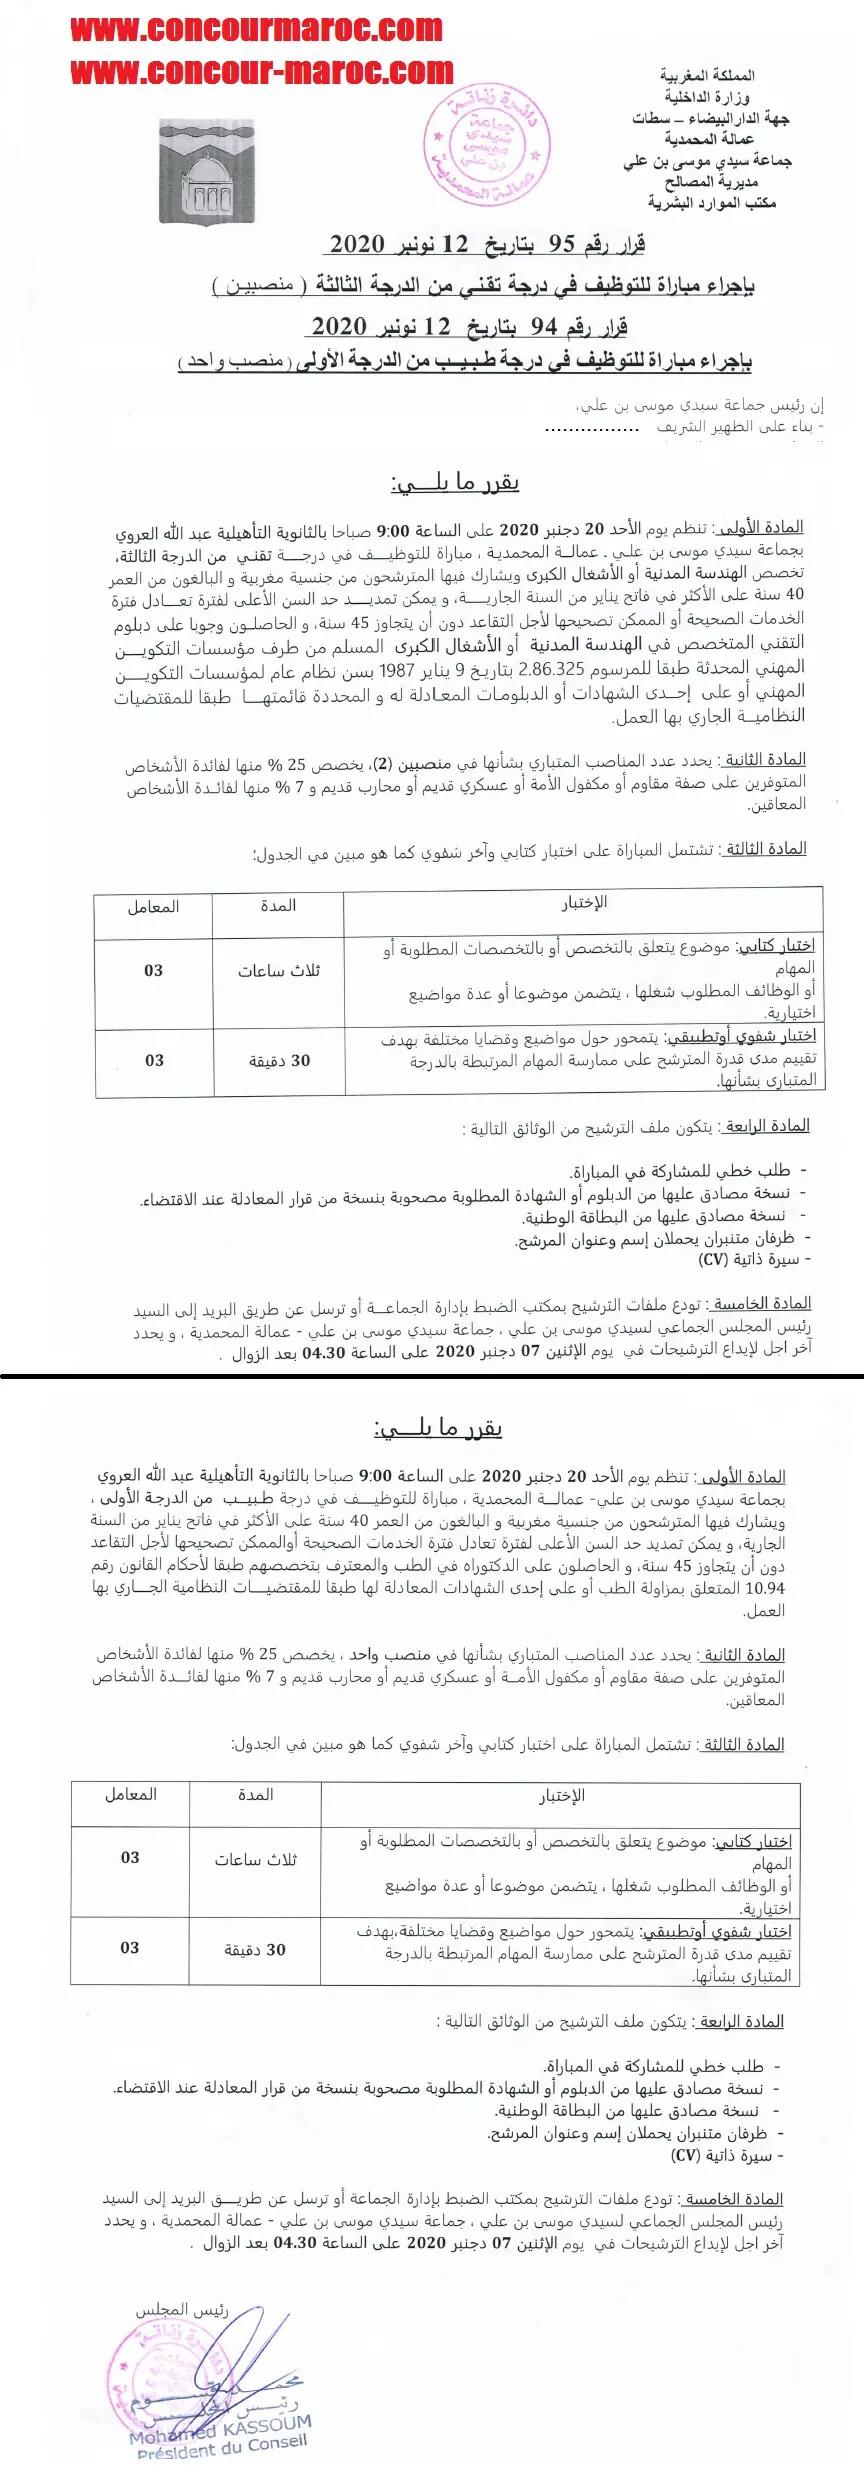 مباراة توظيف بجماعة سيدي موسى بن علي - عمالة المحمدية آخر أجل لإيداع الترشيحات 7 دجنبر 2020 Yao_oc13